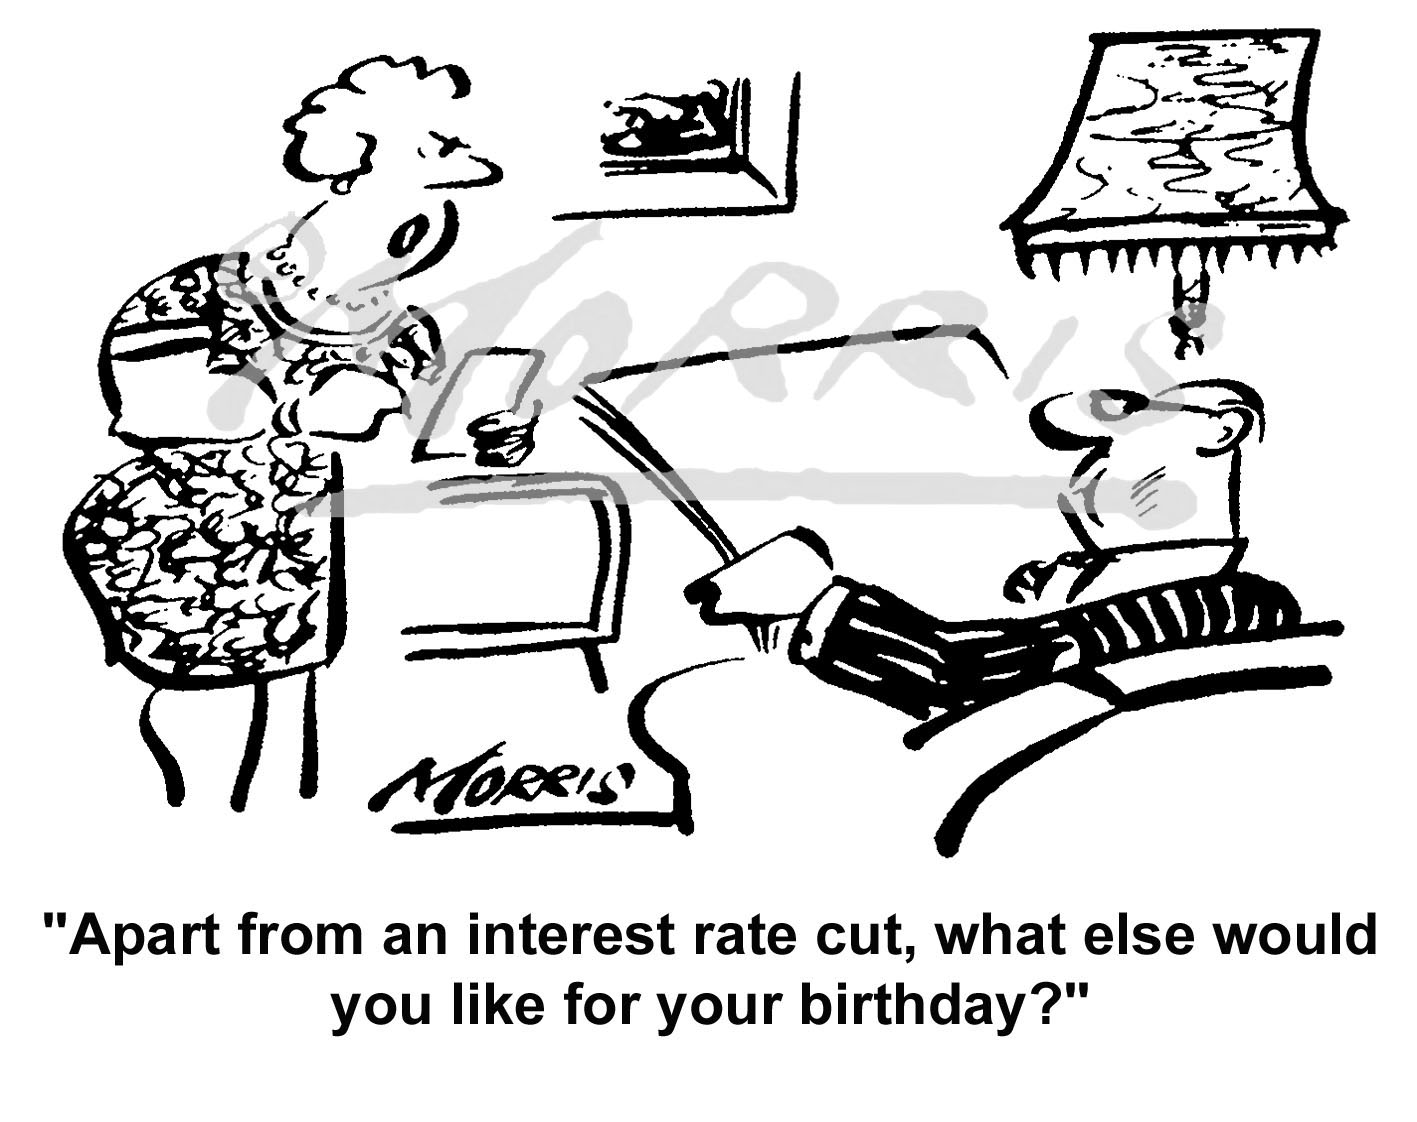 Interest Rate cut business cartoon: Ref – 4693bw